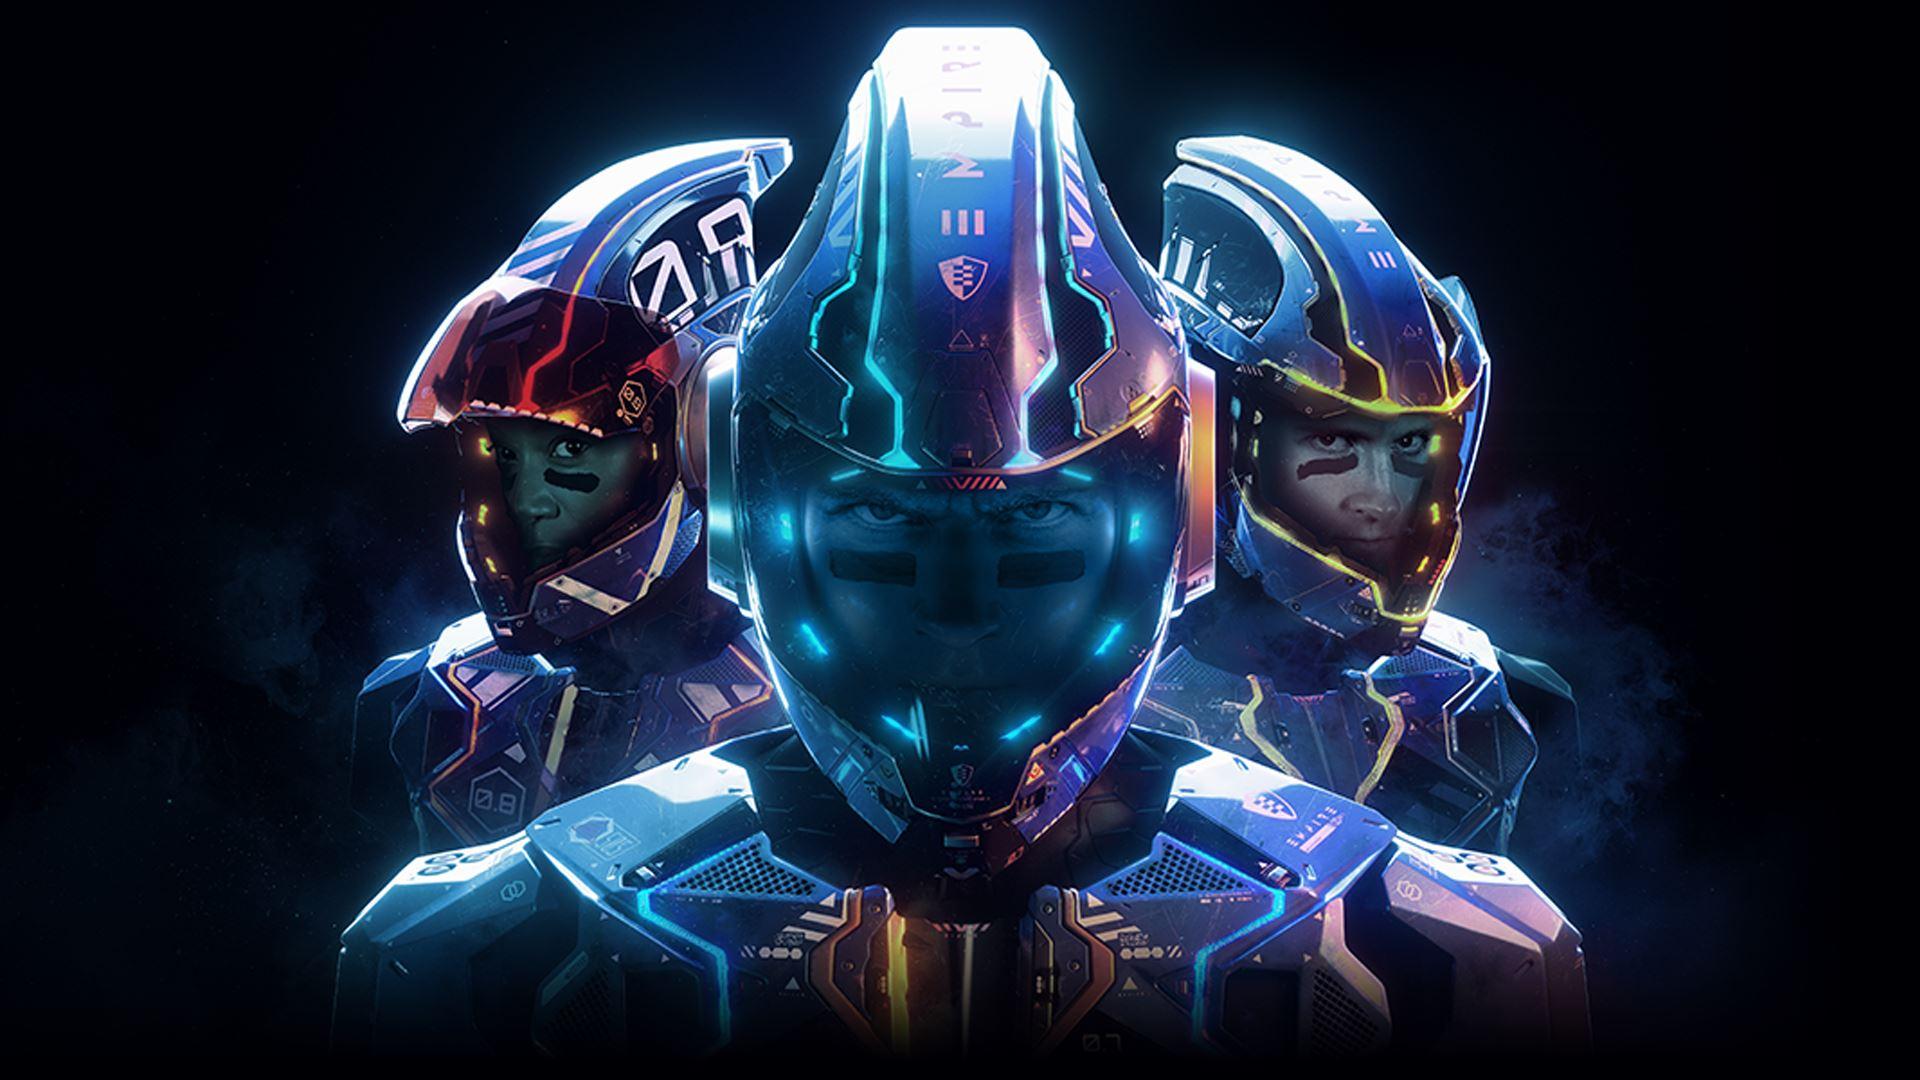 Laser League, juego de acción multijugador futurísta llega a Xbox One con Game Pass